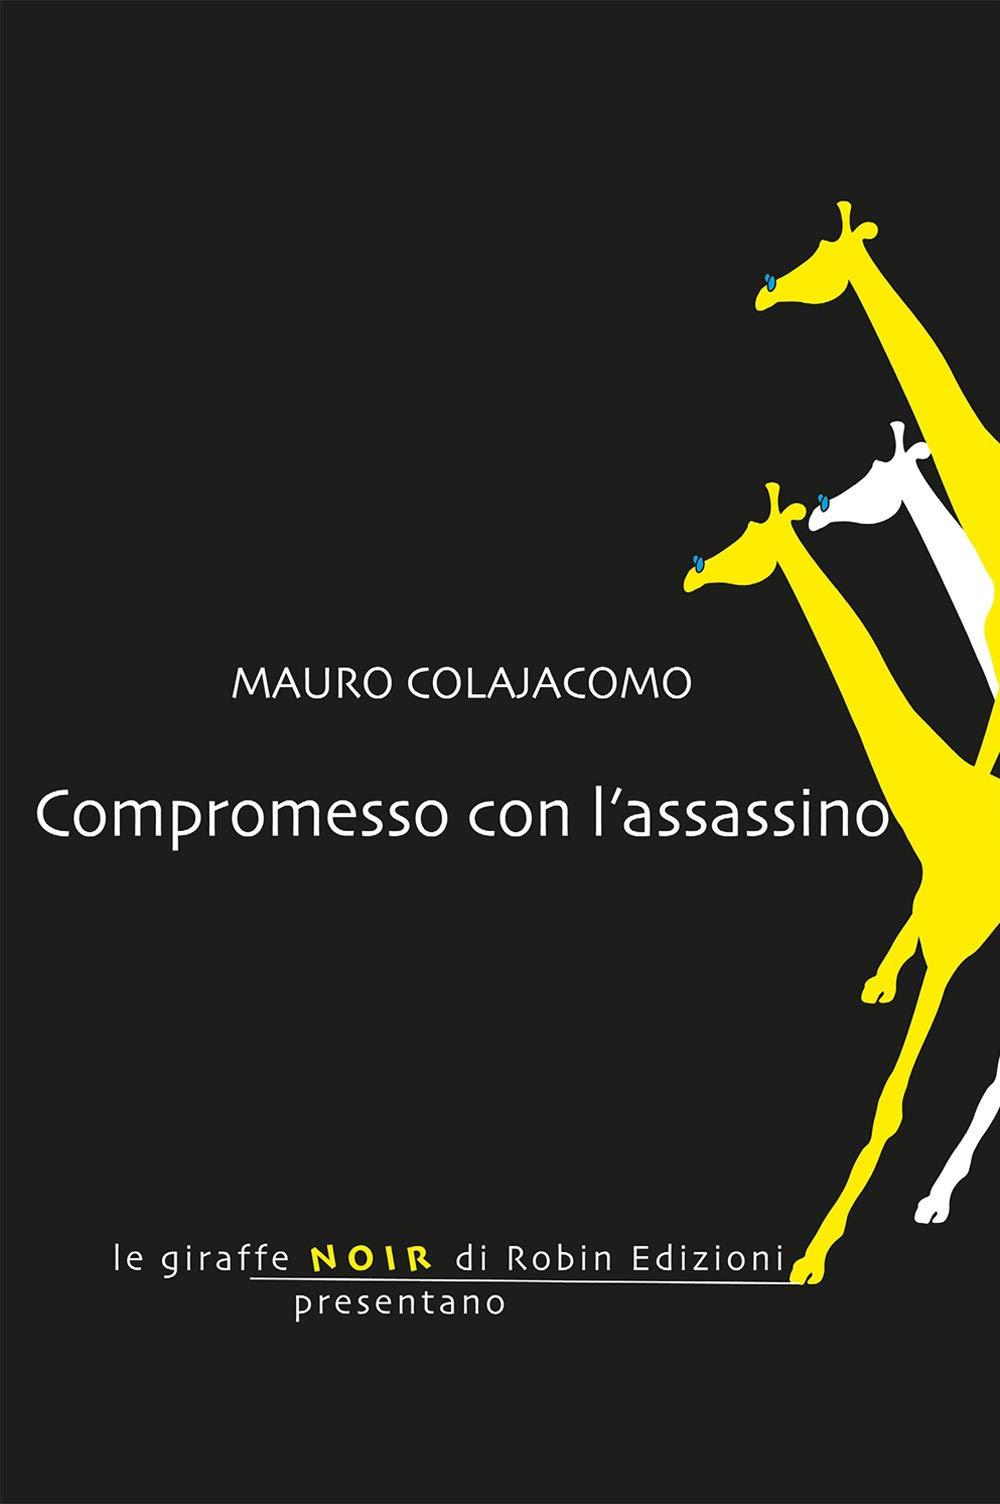 Amazon.it: Compromesso con l'assassino - Colajacomo, Mauro - Libri